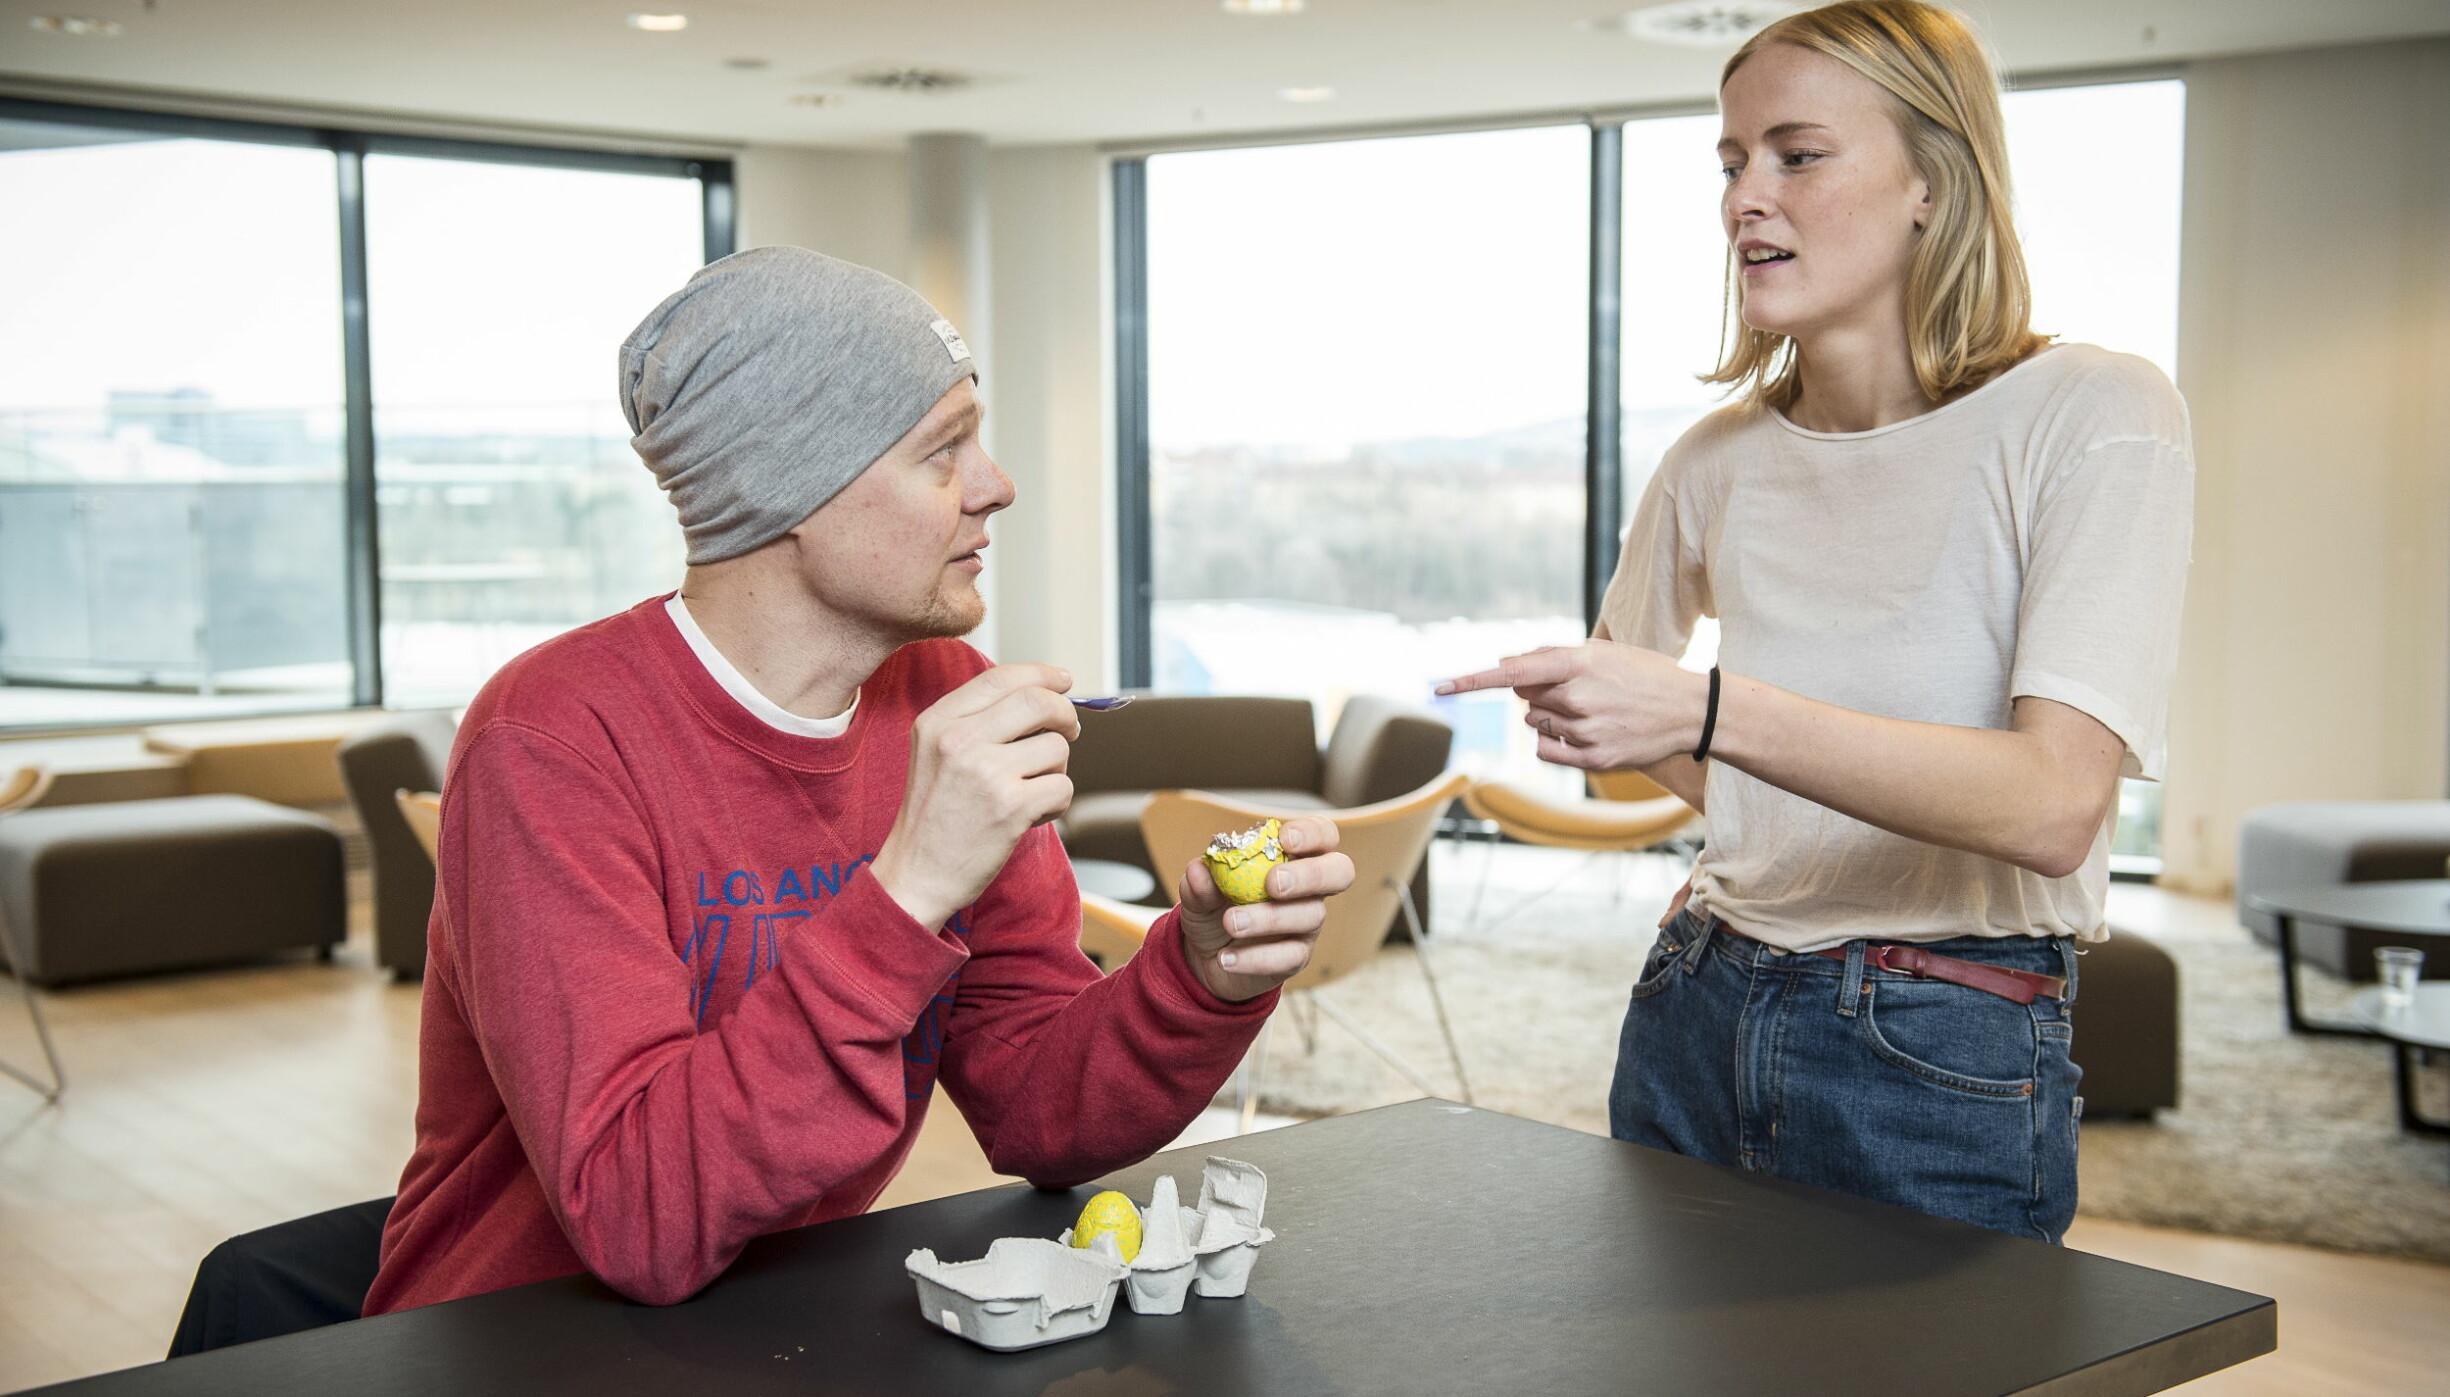 Anders Kranmo Smedstad og  Elise Grongstad Lindsetmo var klar i sin dom: Freias påskeegg - med palmeolje smaker best. Foto: Lars Eivind Bones